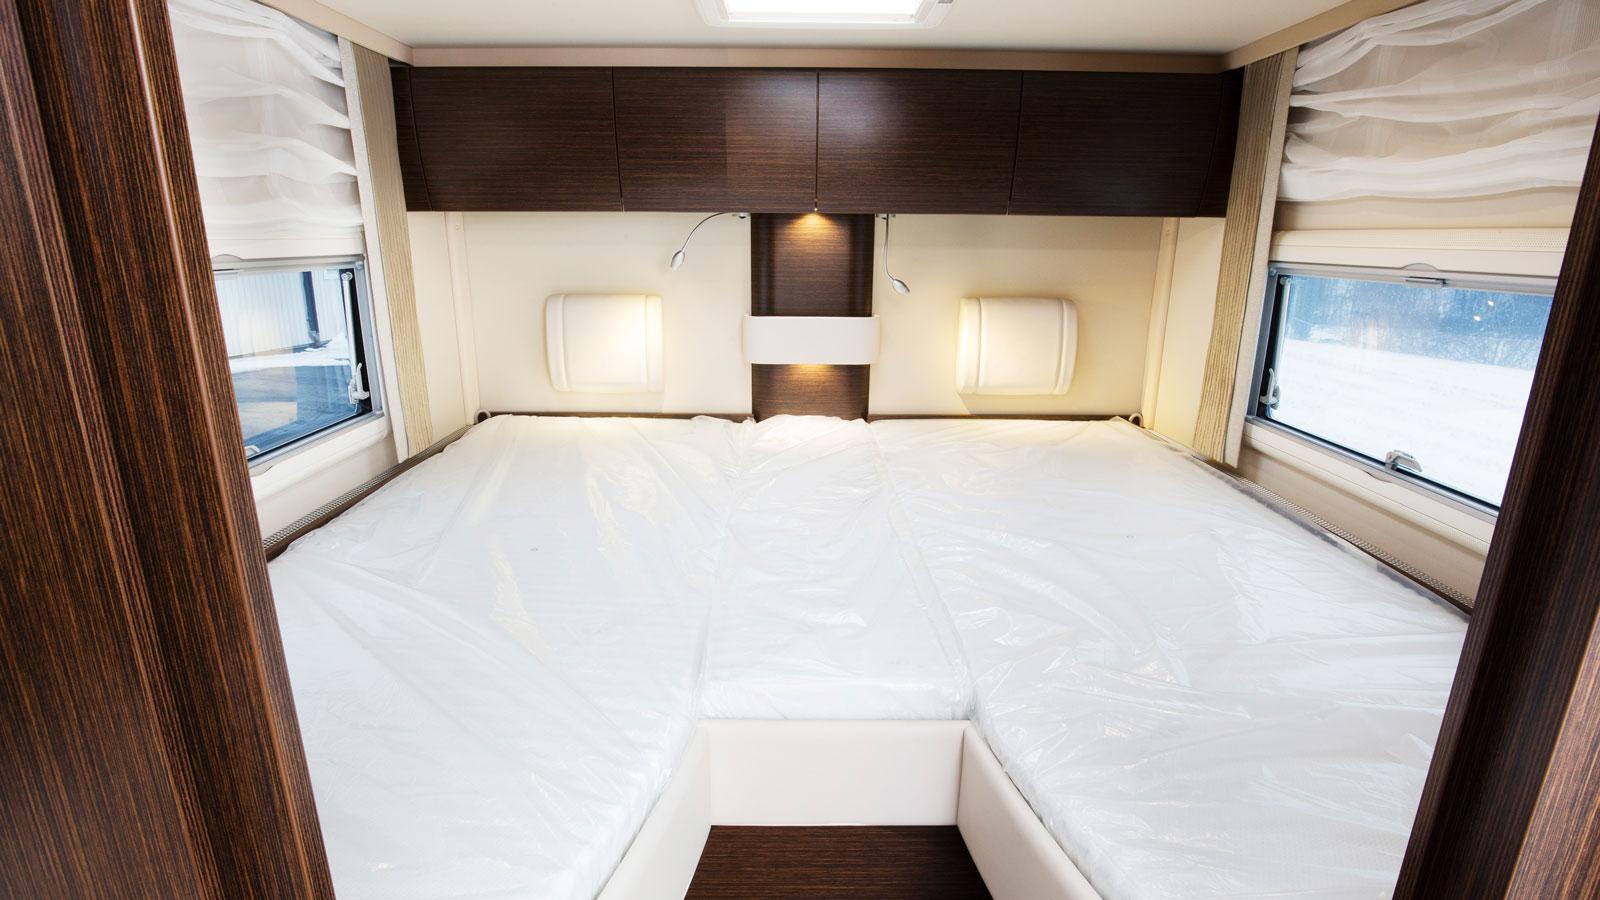 Här är det ganska finessfritt men man sover lika bra för det. Sängarna är mycket bekväma och ingen stege behövs.